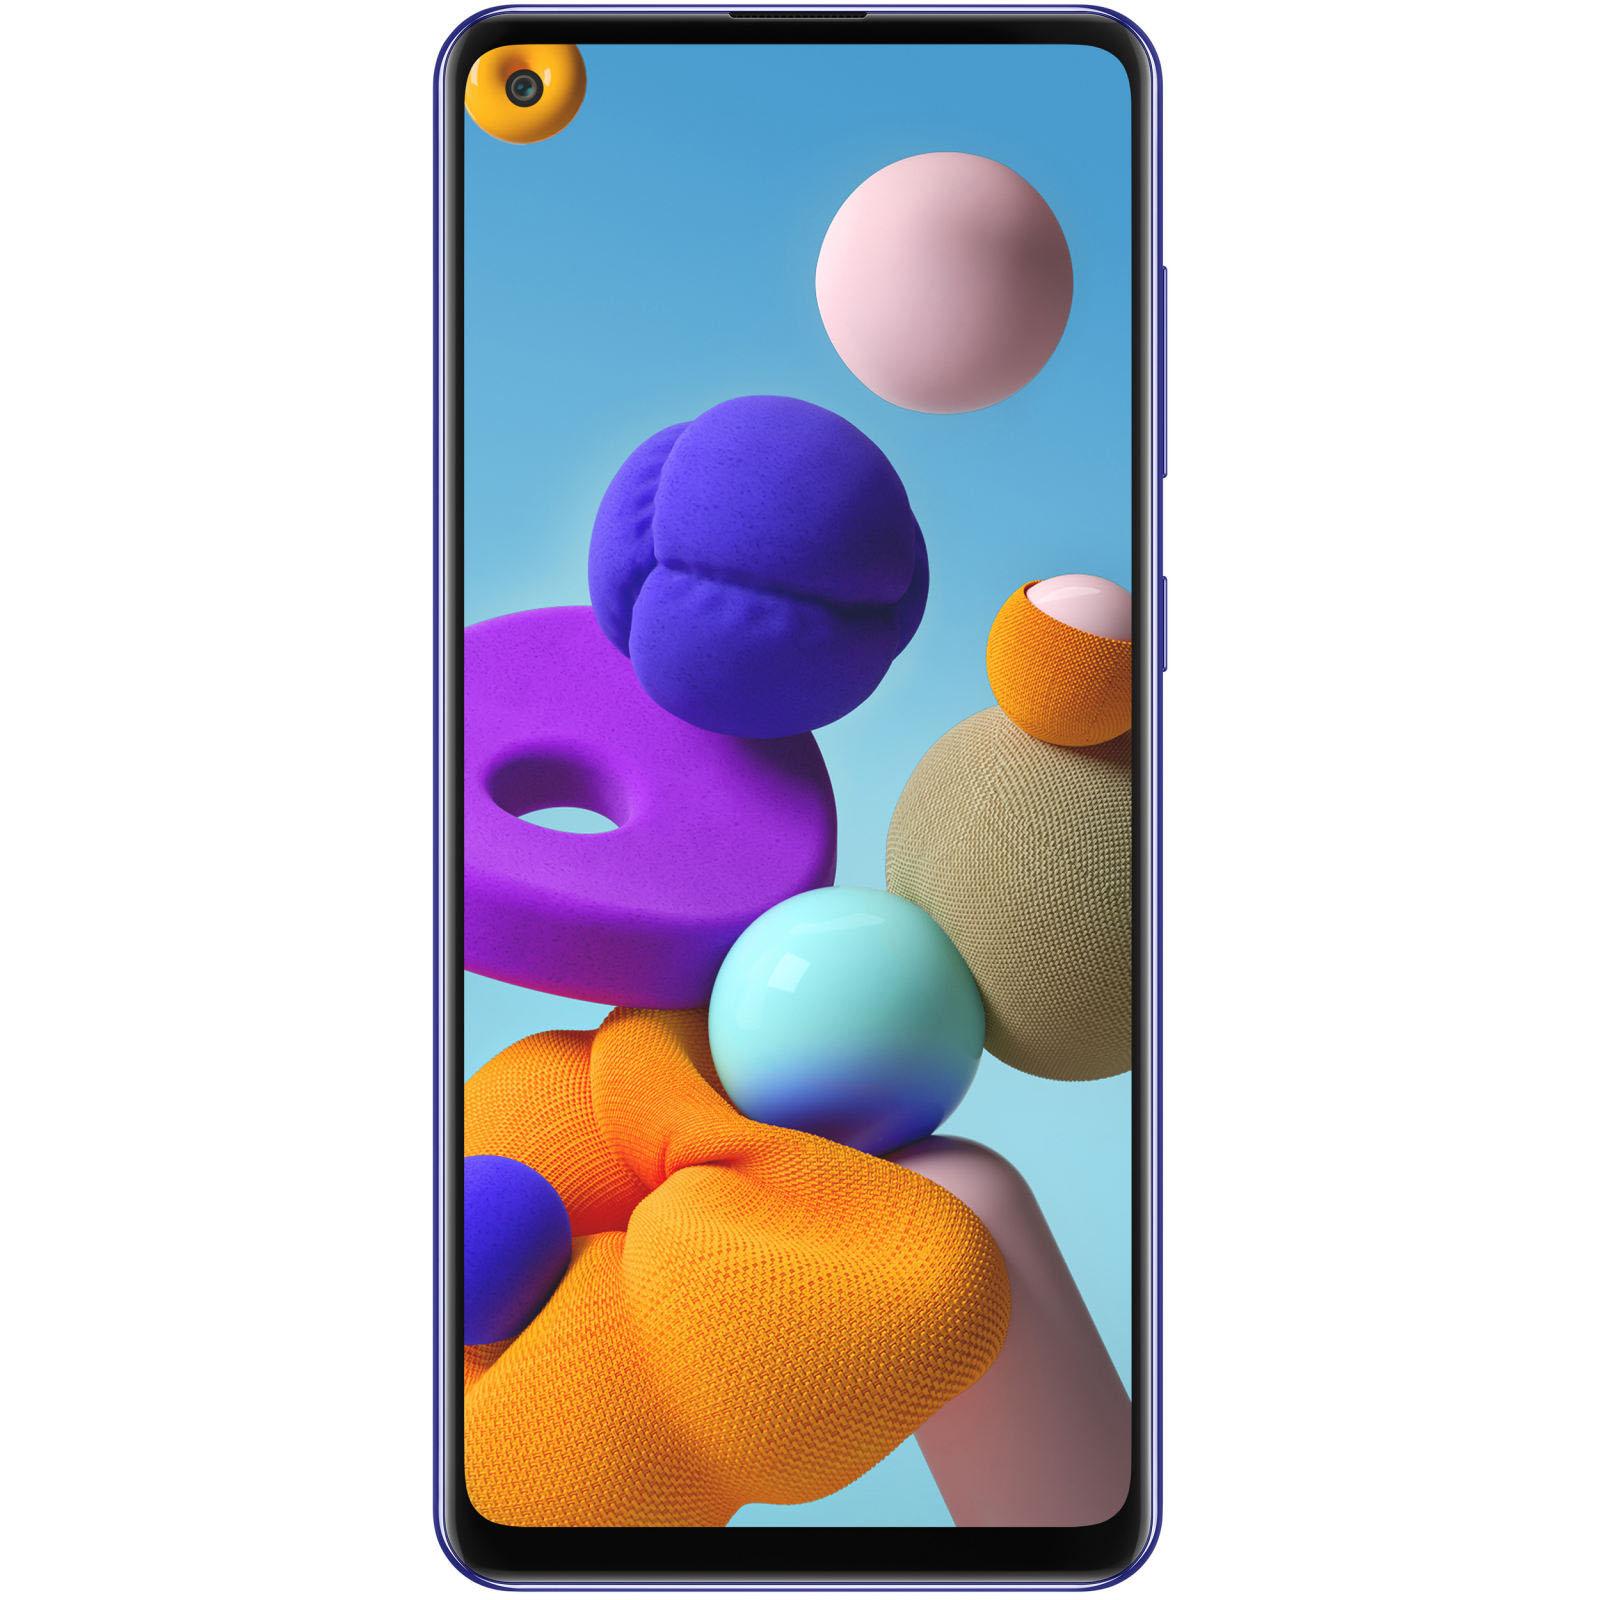 گوشی موبایل سامسونگ مدل Galaxy A21S SM-A217F/DS دو سیمکارت ظرفیت ۶۴ گیگابایت